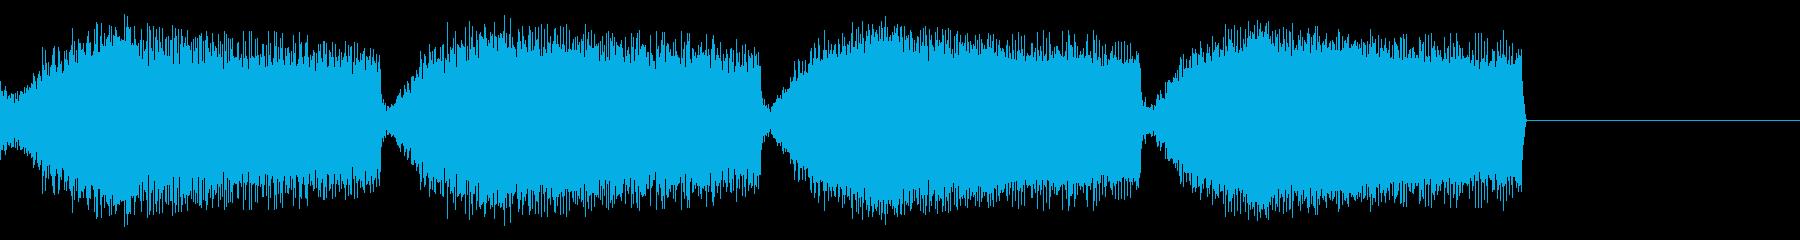 緊急警報の再生済みの波形